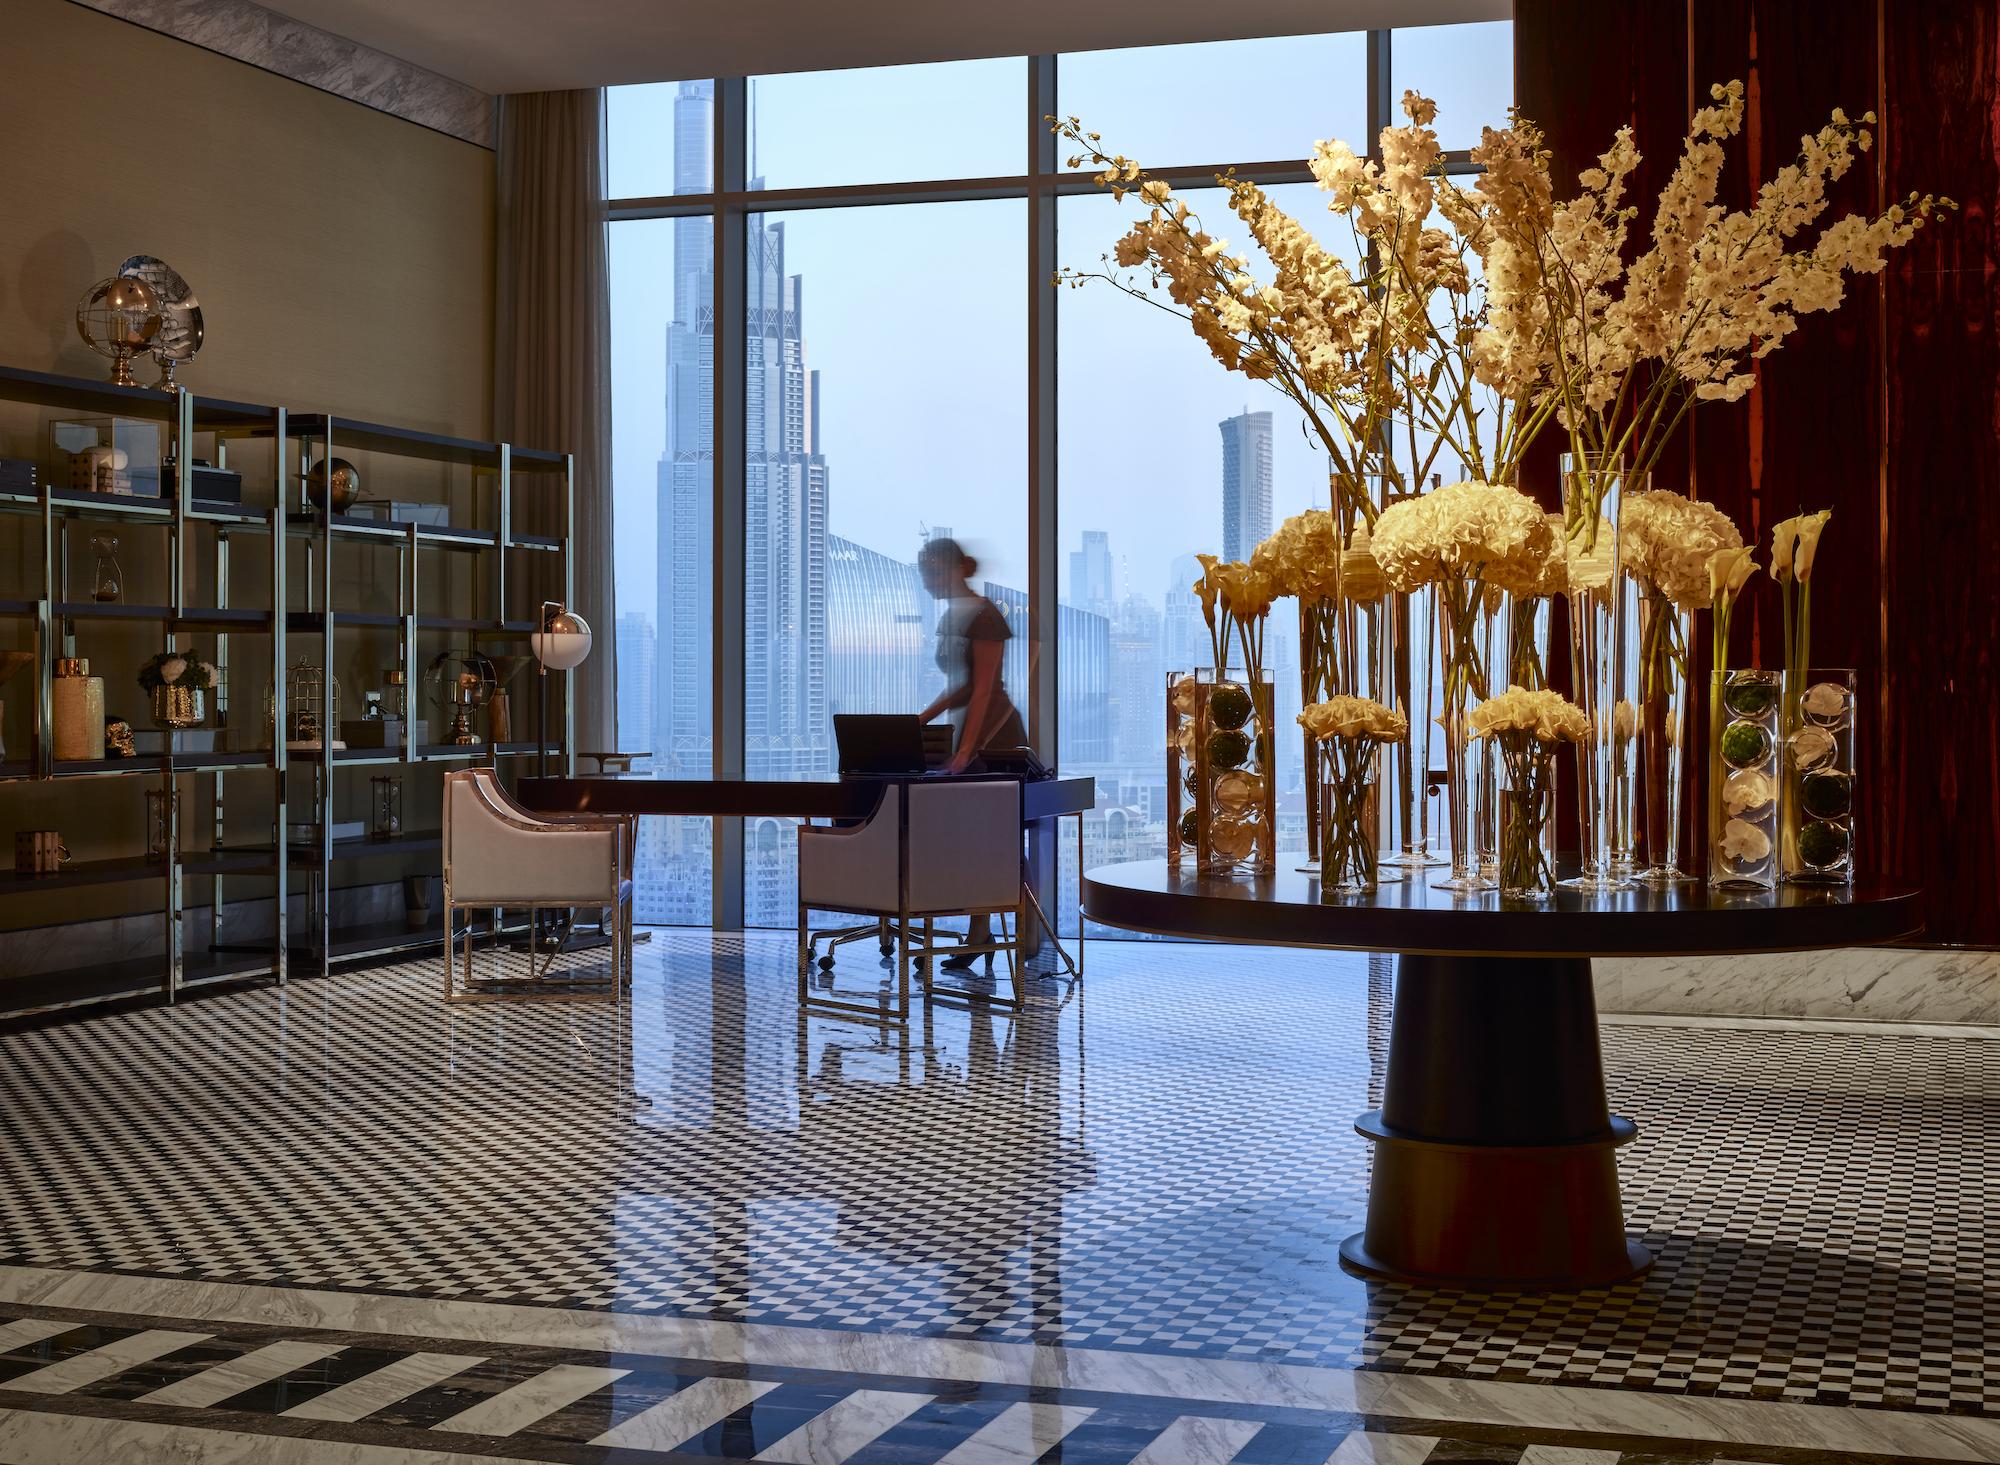 New Luxury Hotel Opens in Dubai Skyscraper